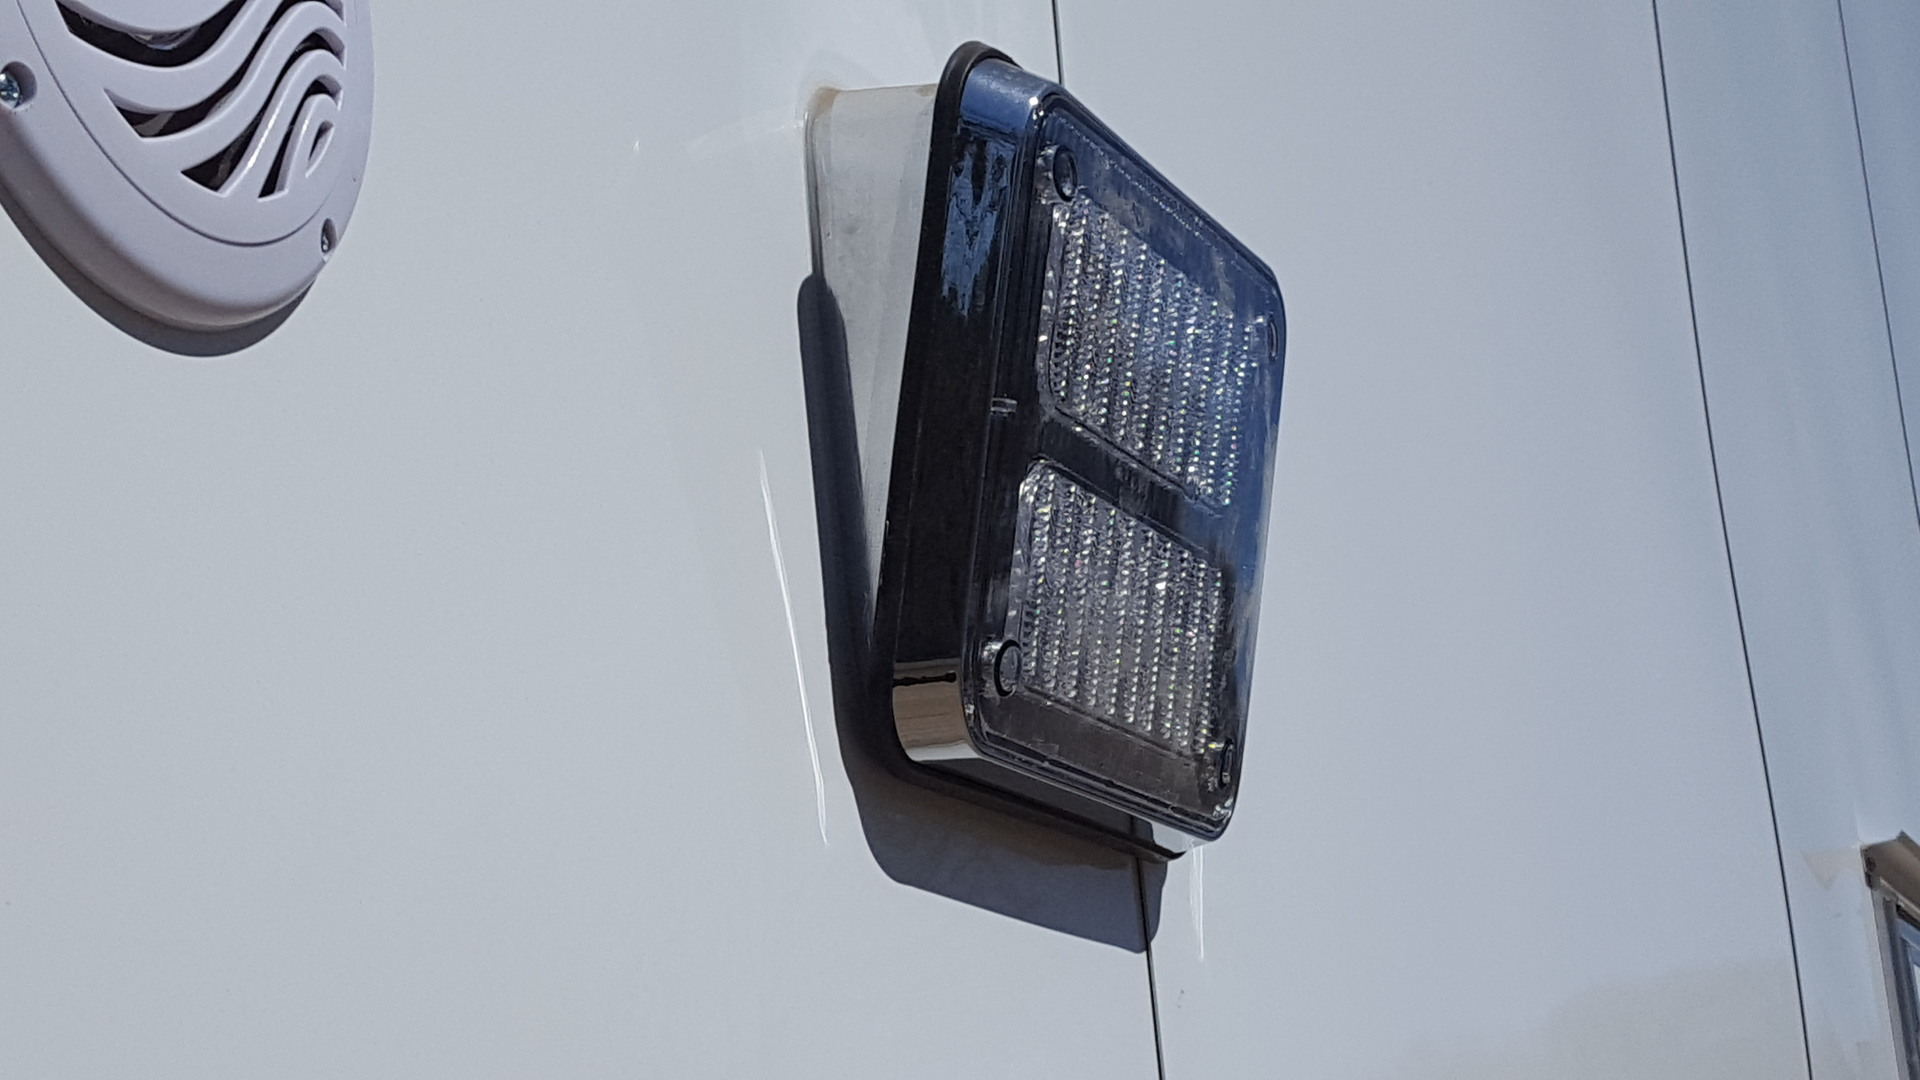 K90 Scene Light with Angled Bezel